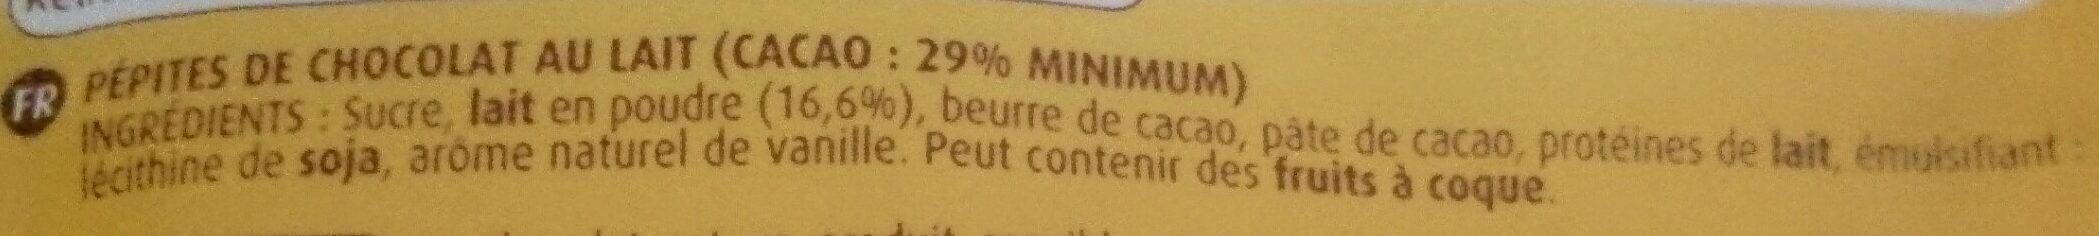 Pépites de chocolat au lait + 25% gratuit - Ingrediënten - fr